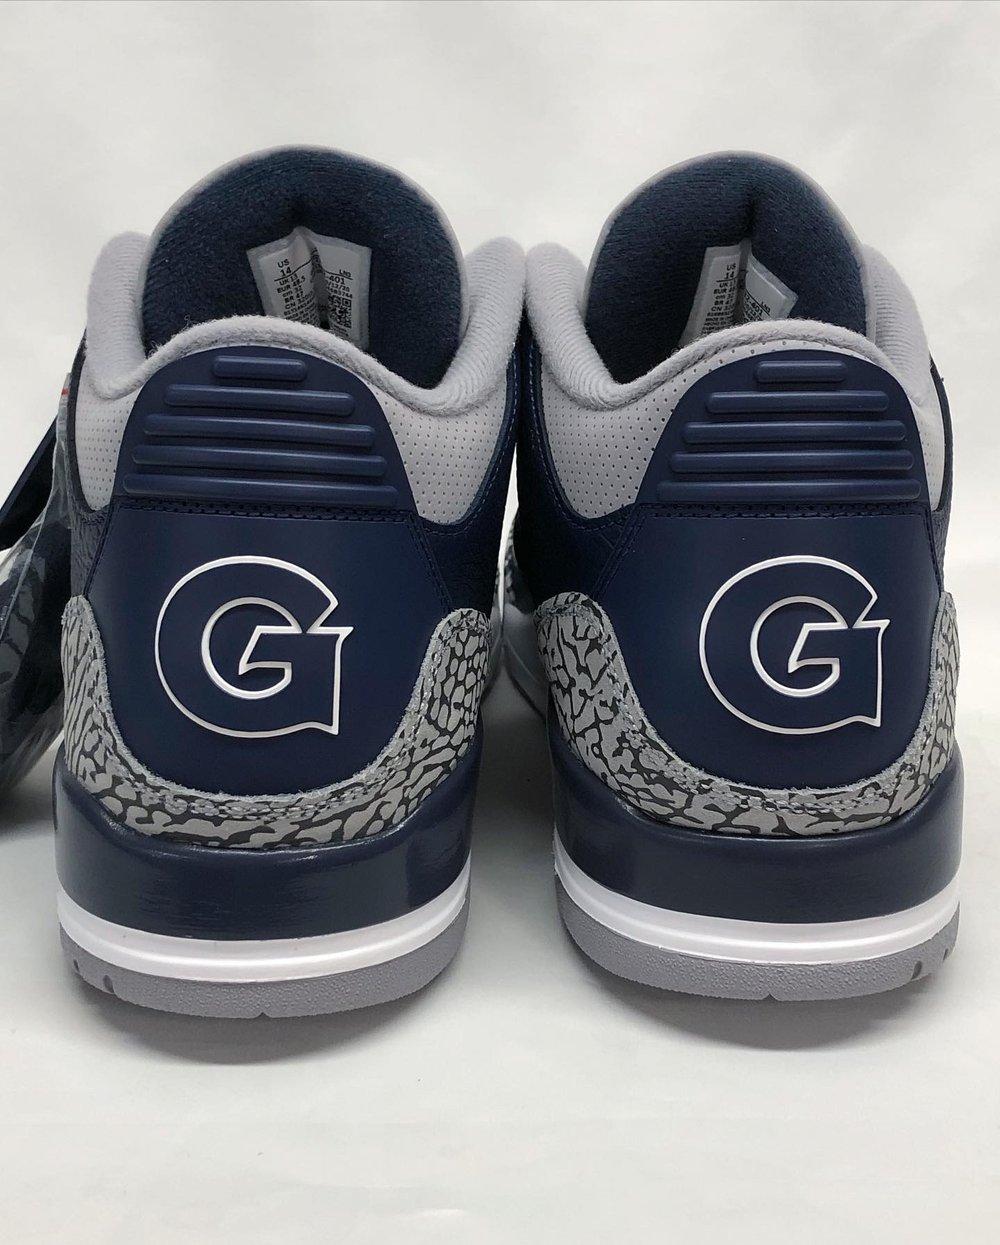 Georgetown 3's